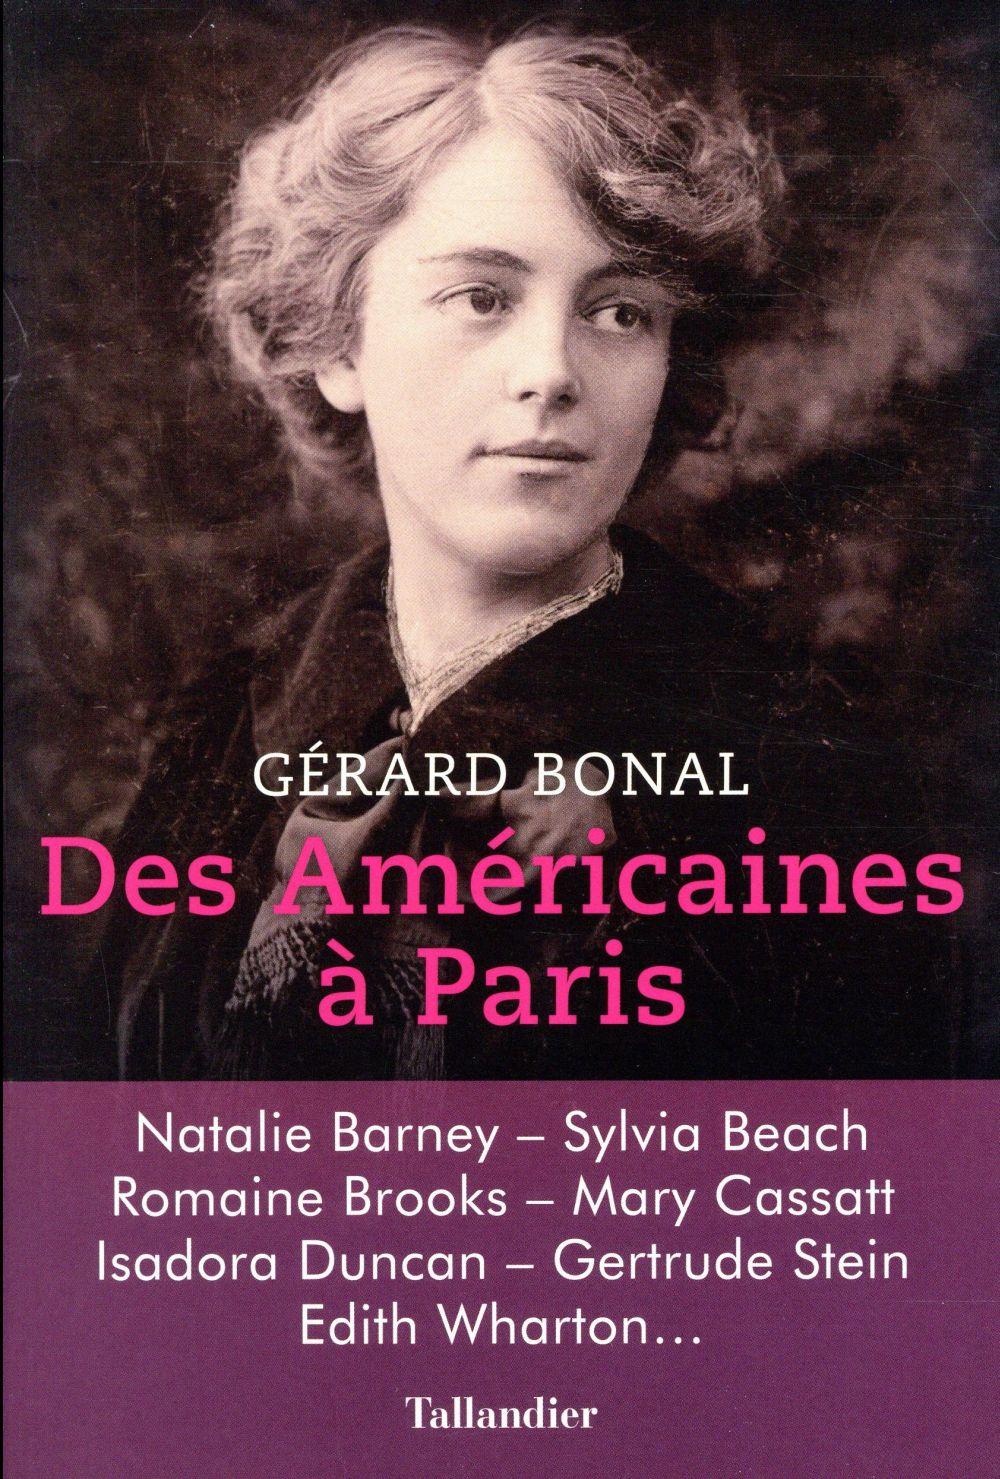 Des américaines à Paris ; actrices, mécènes, écrivaines, danseuses. 1950-1920